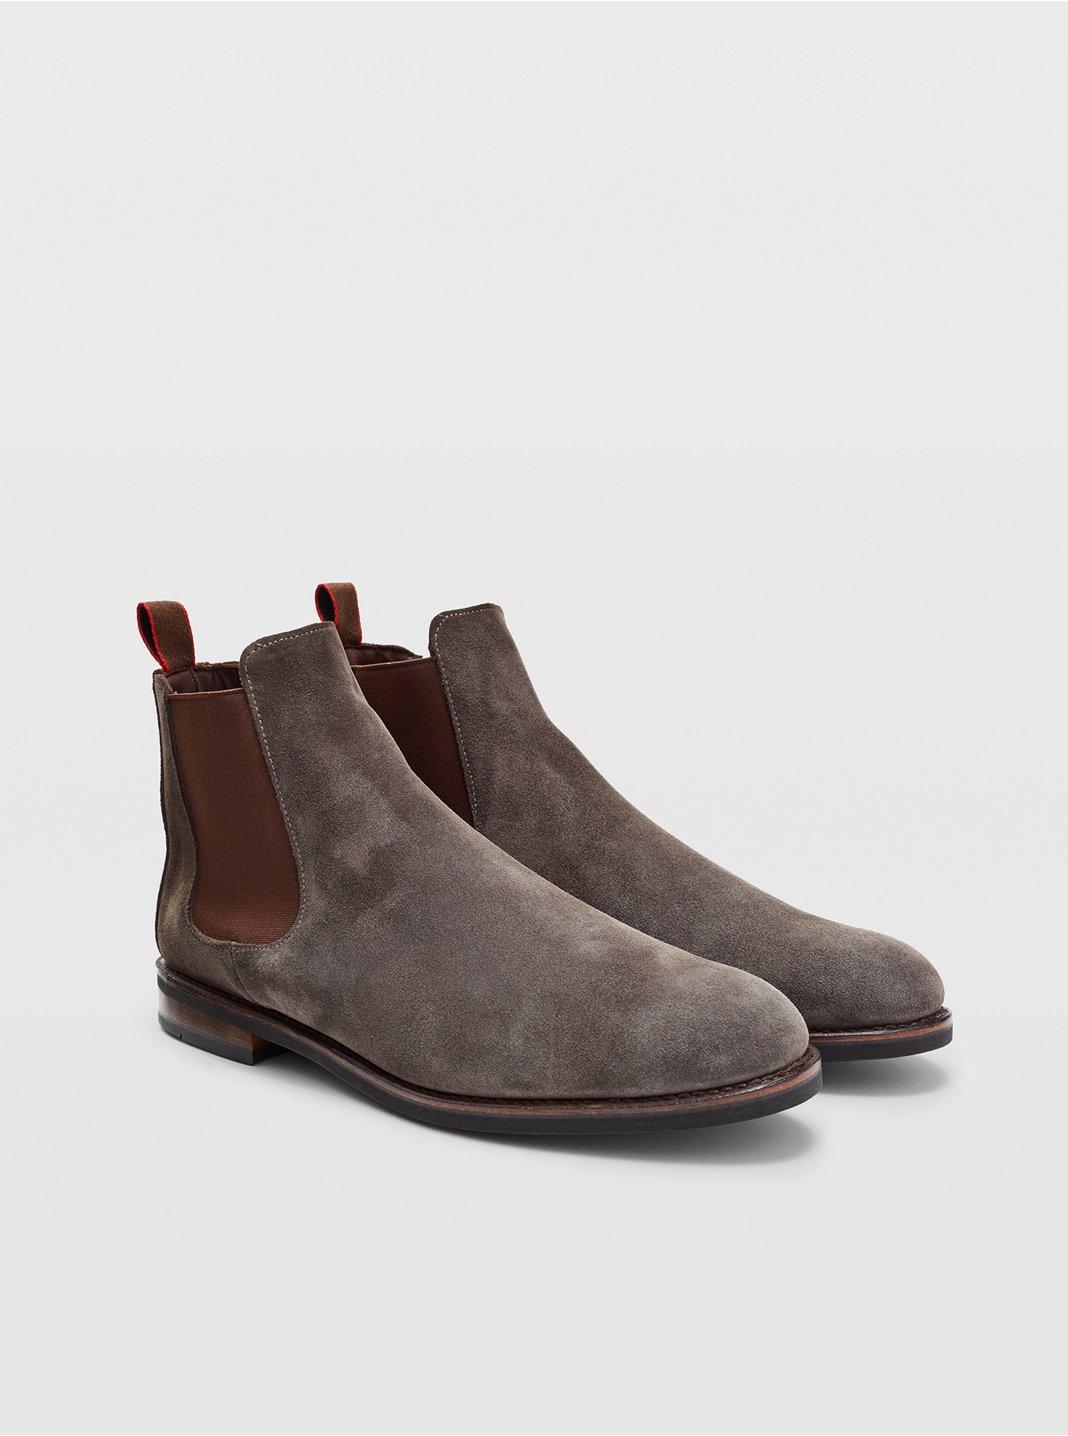 Allen Edmonds Nomad Boot